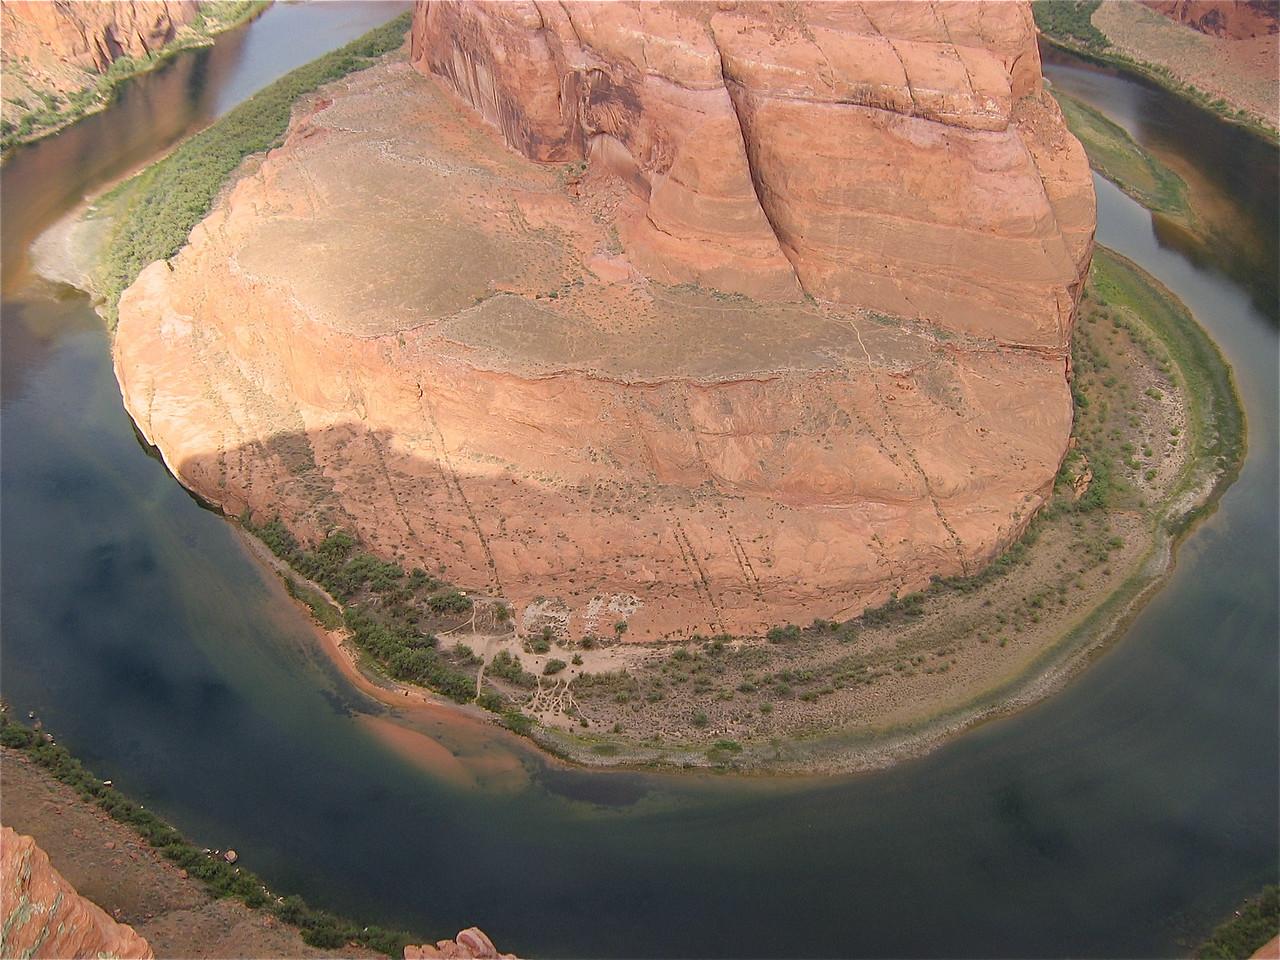 Colorado River at Horseshoe Band, Arizona, Southwest USA.